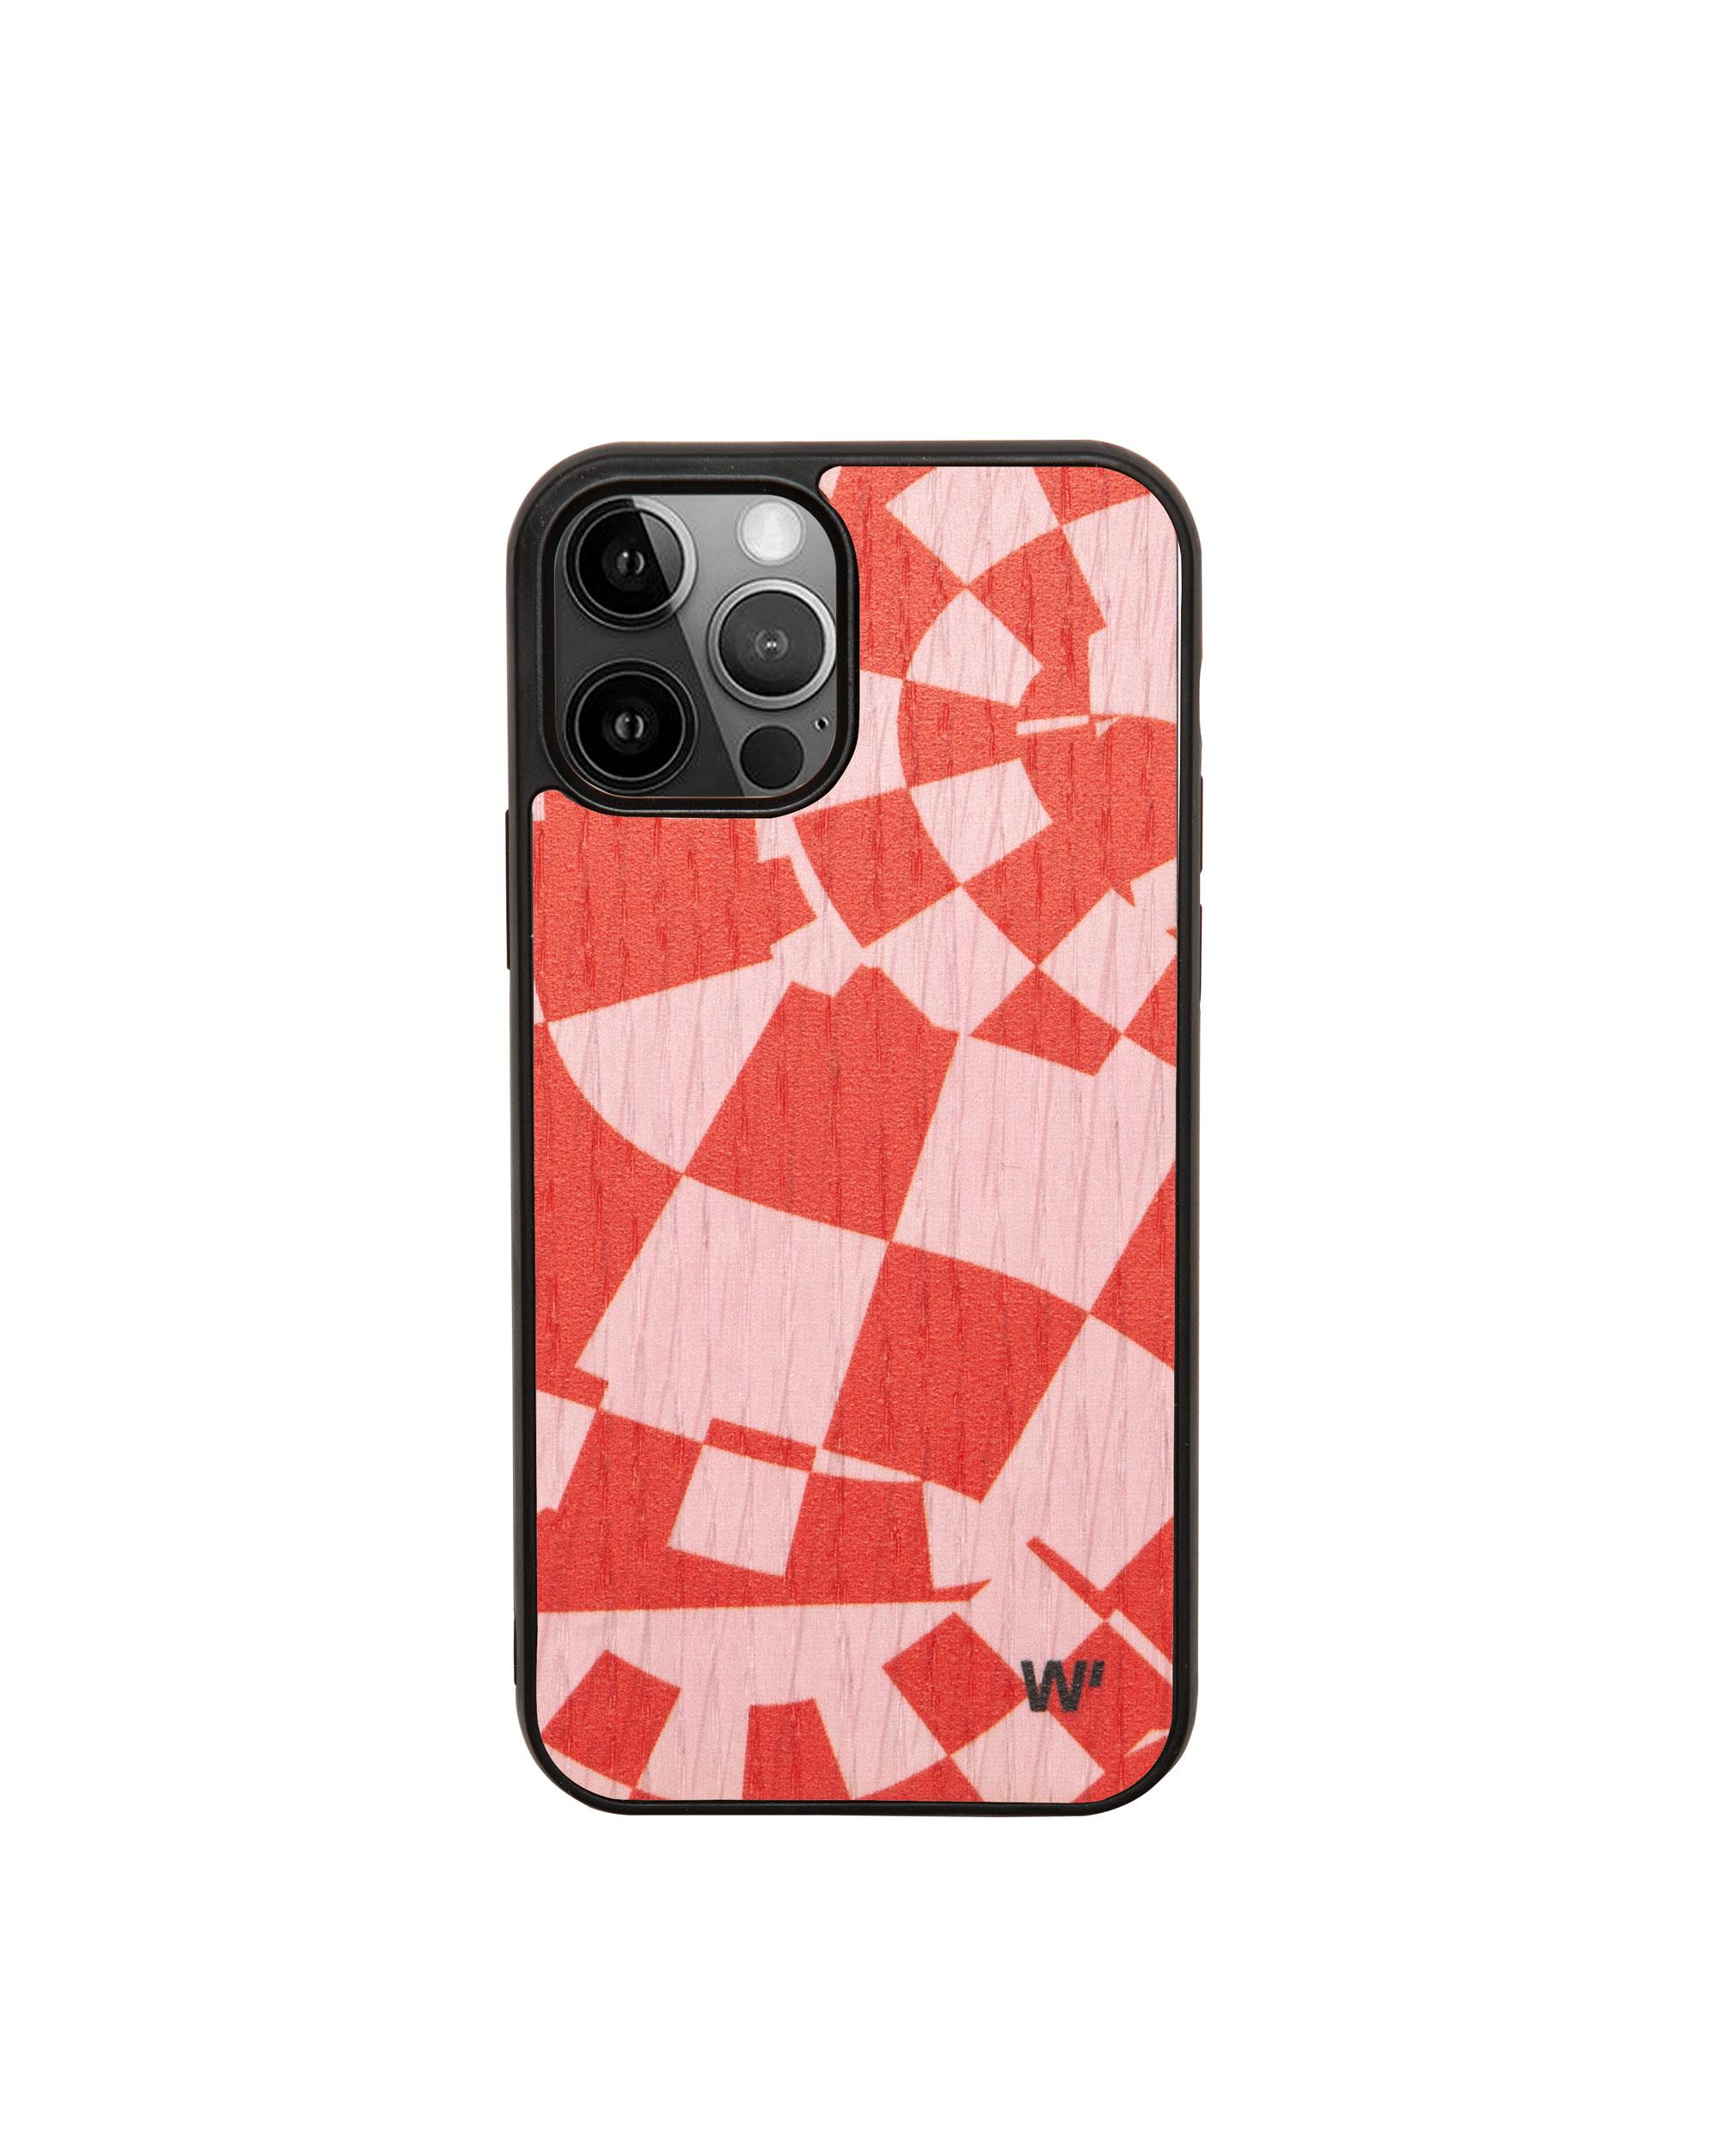 FLUID CHESS - Coque en bois pour iPhone12 mini